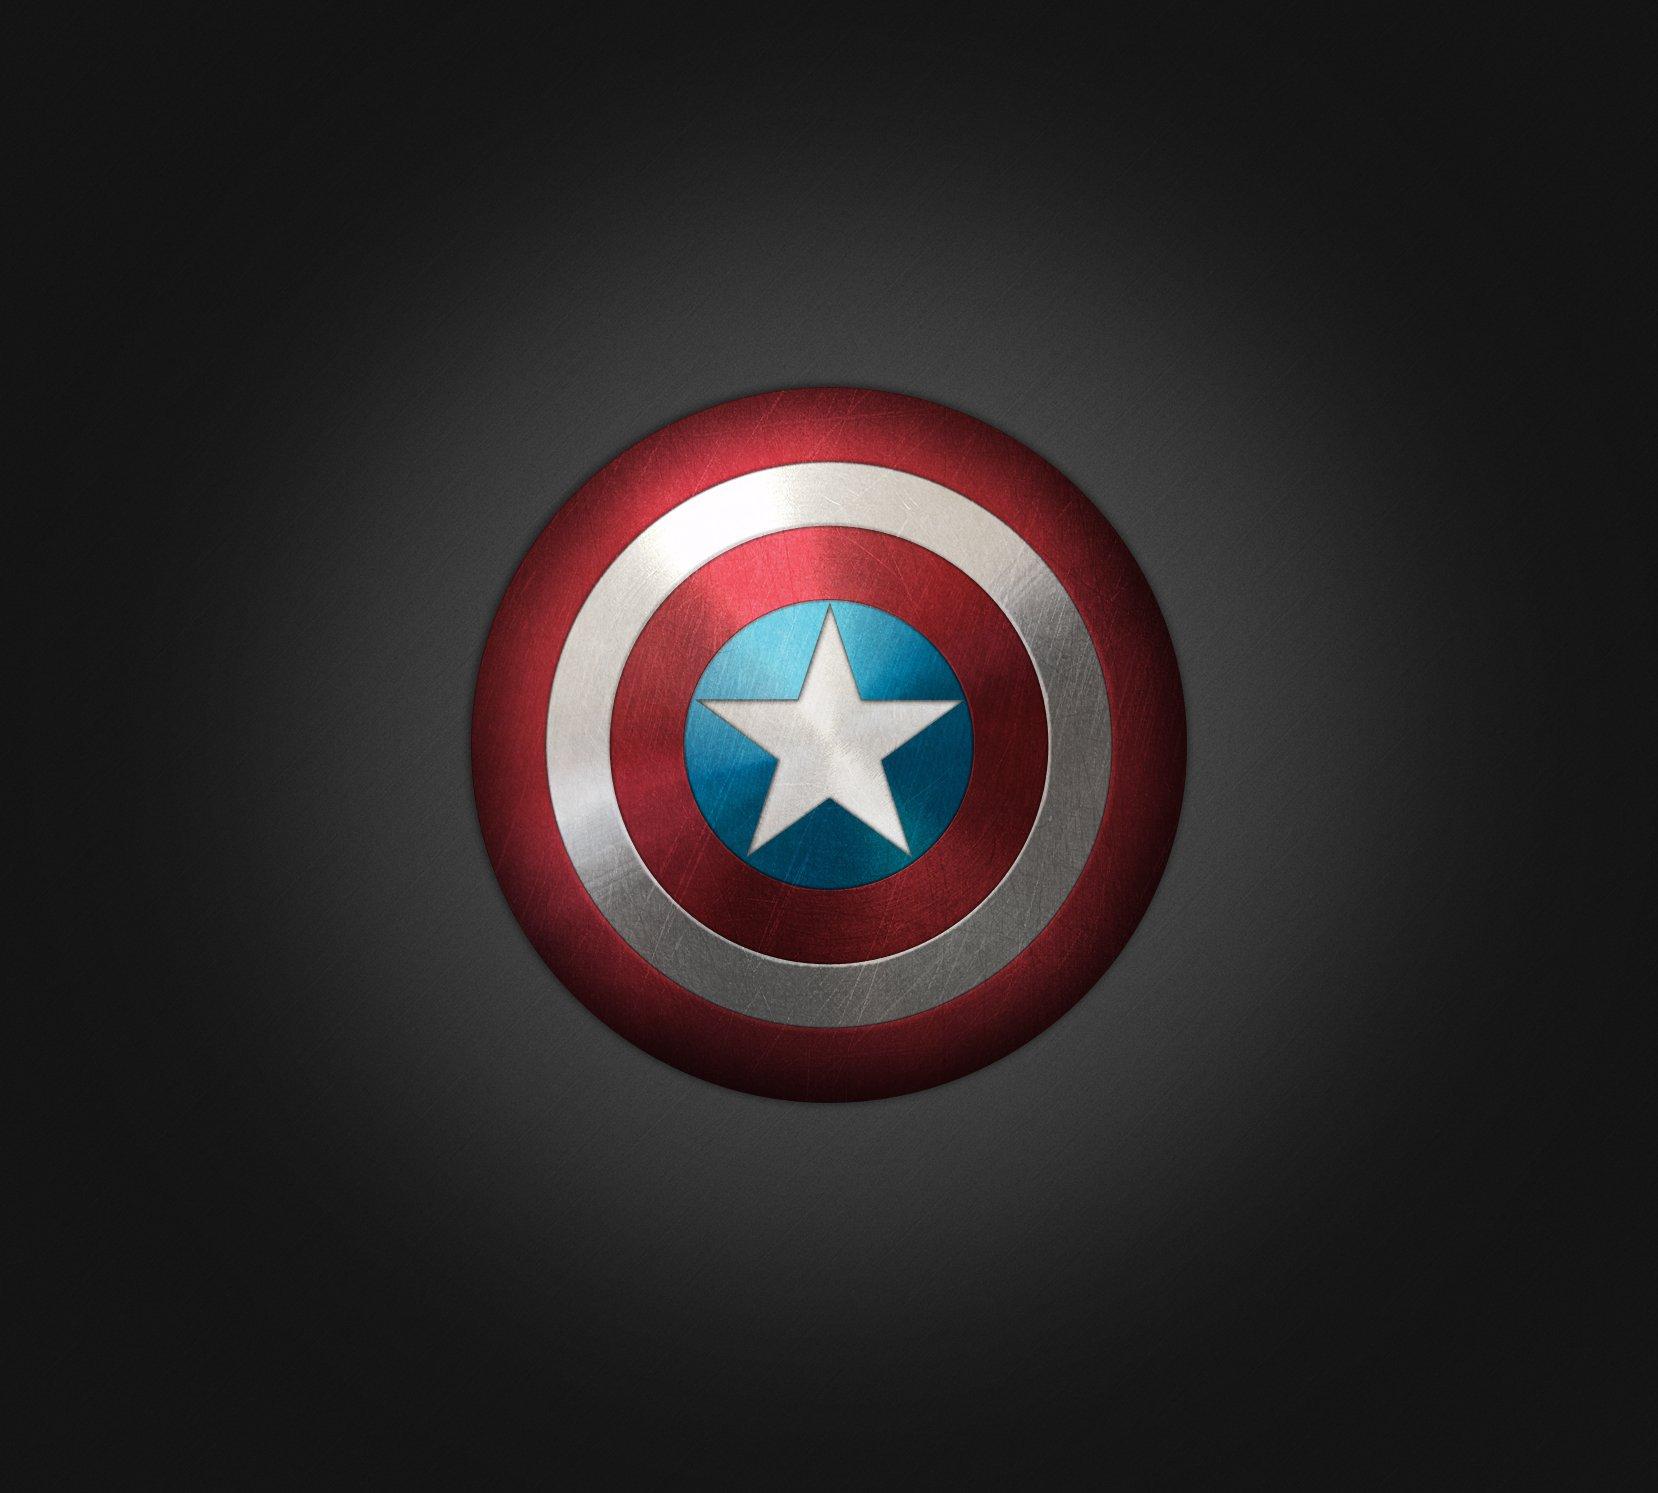 captain america shield iphone wallpaper wallpapersafari